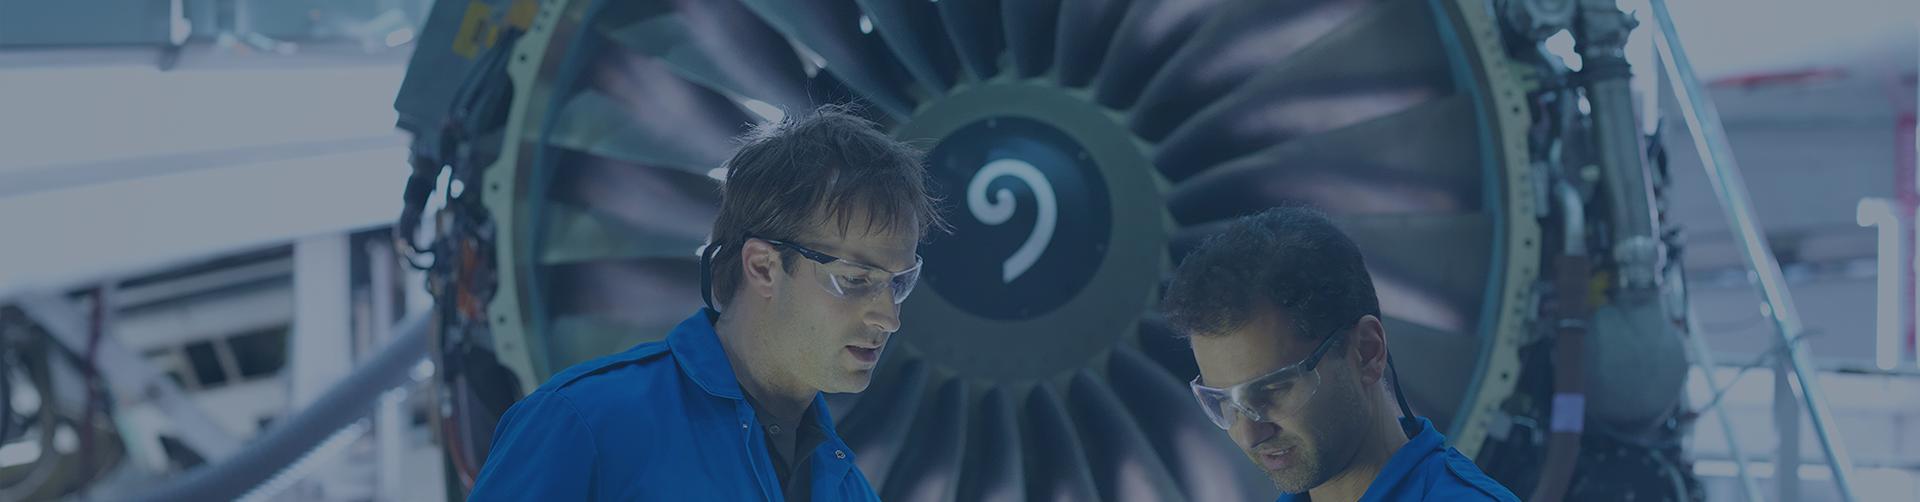 KLM Engineering